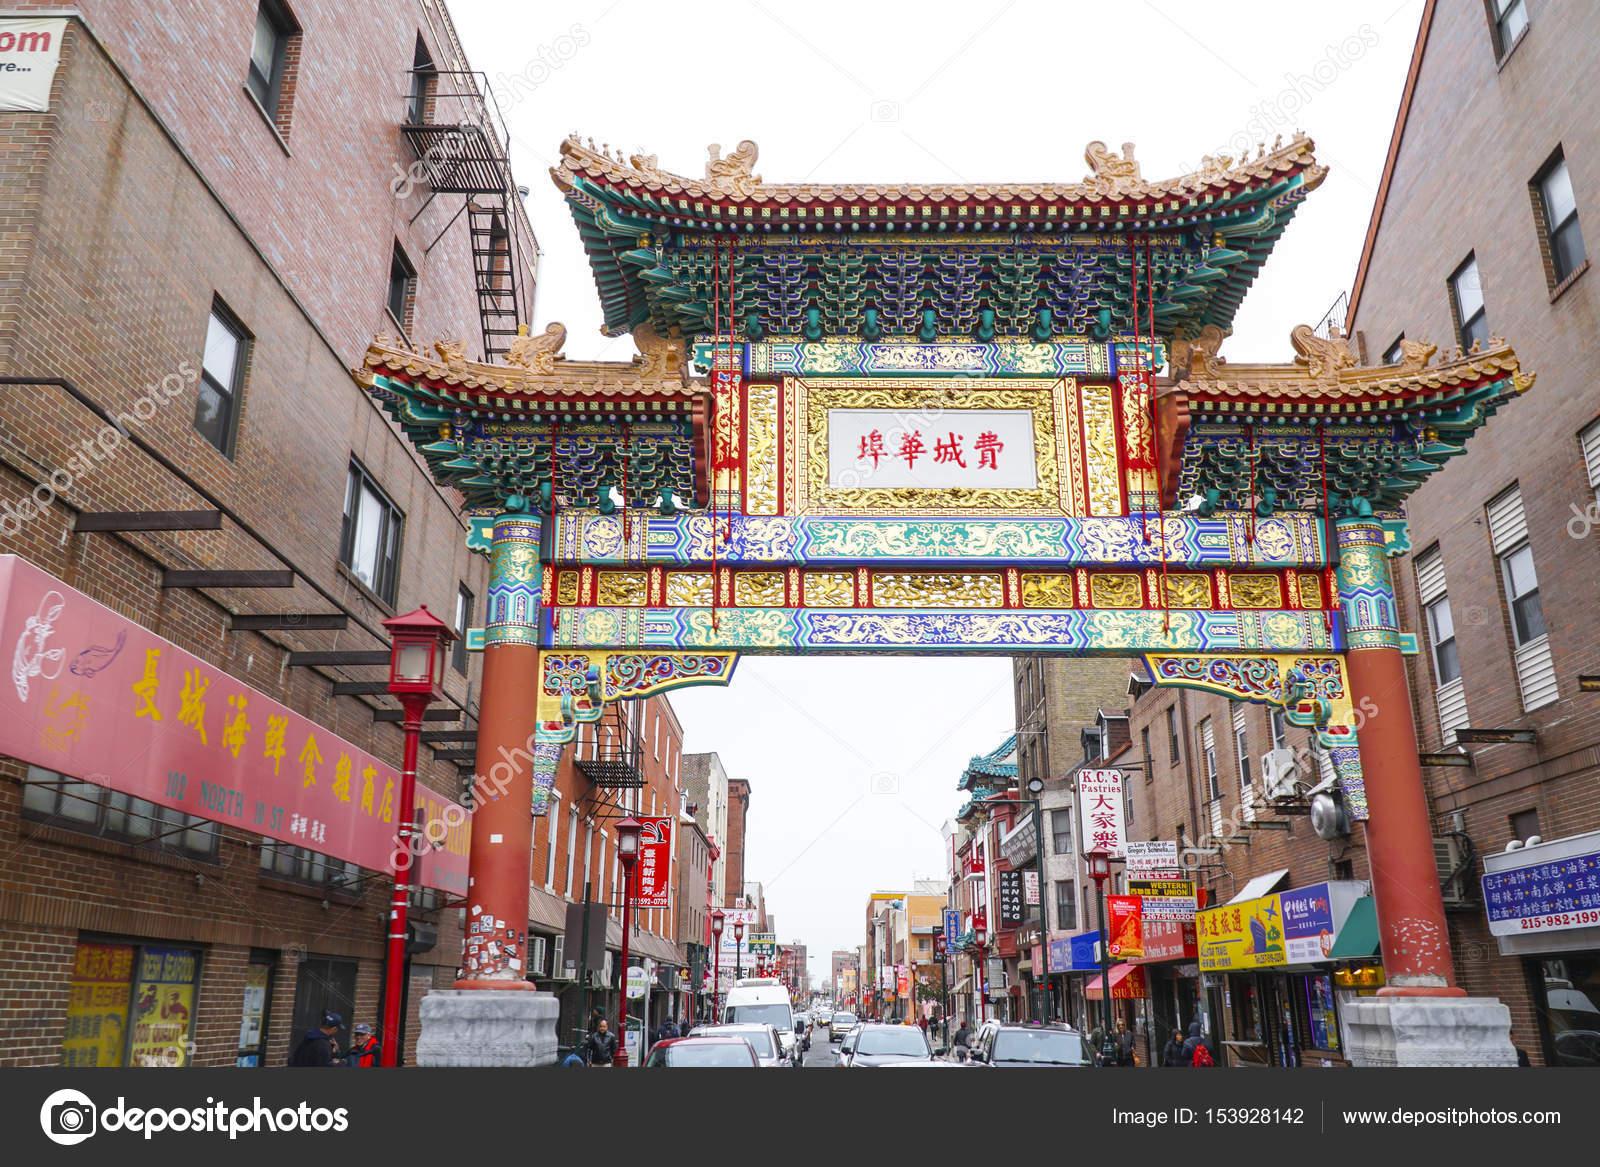 The Gate To Chinatown In Philadelphia Philadelphia Pennsylvania April 6 2017 Stock Editorial Photo C 4kclips 153928142